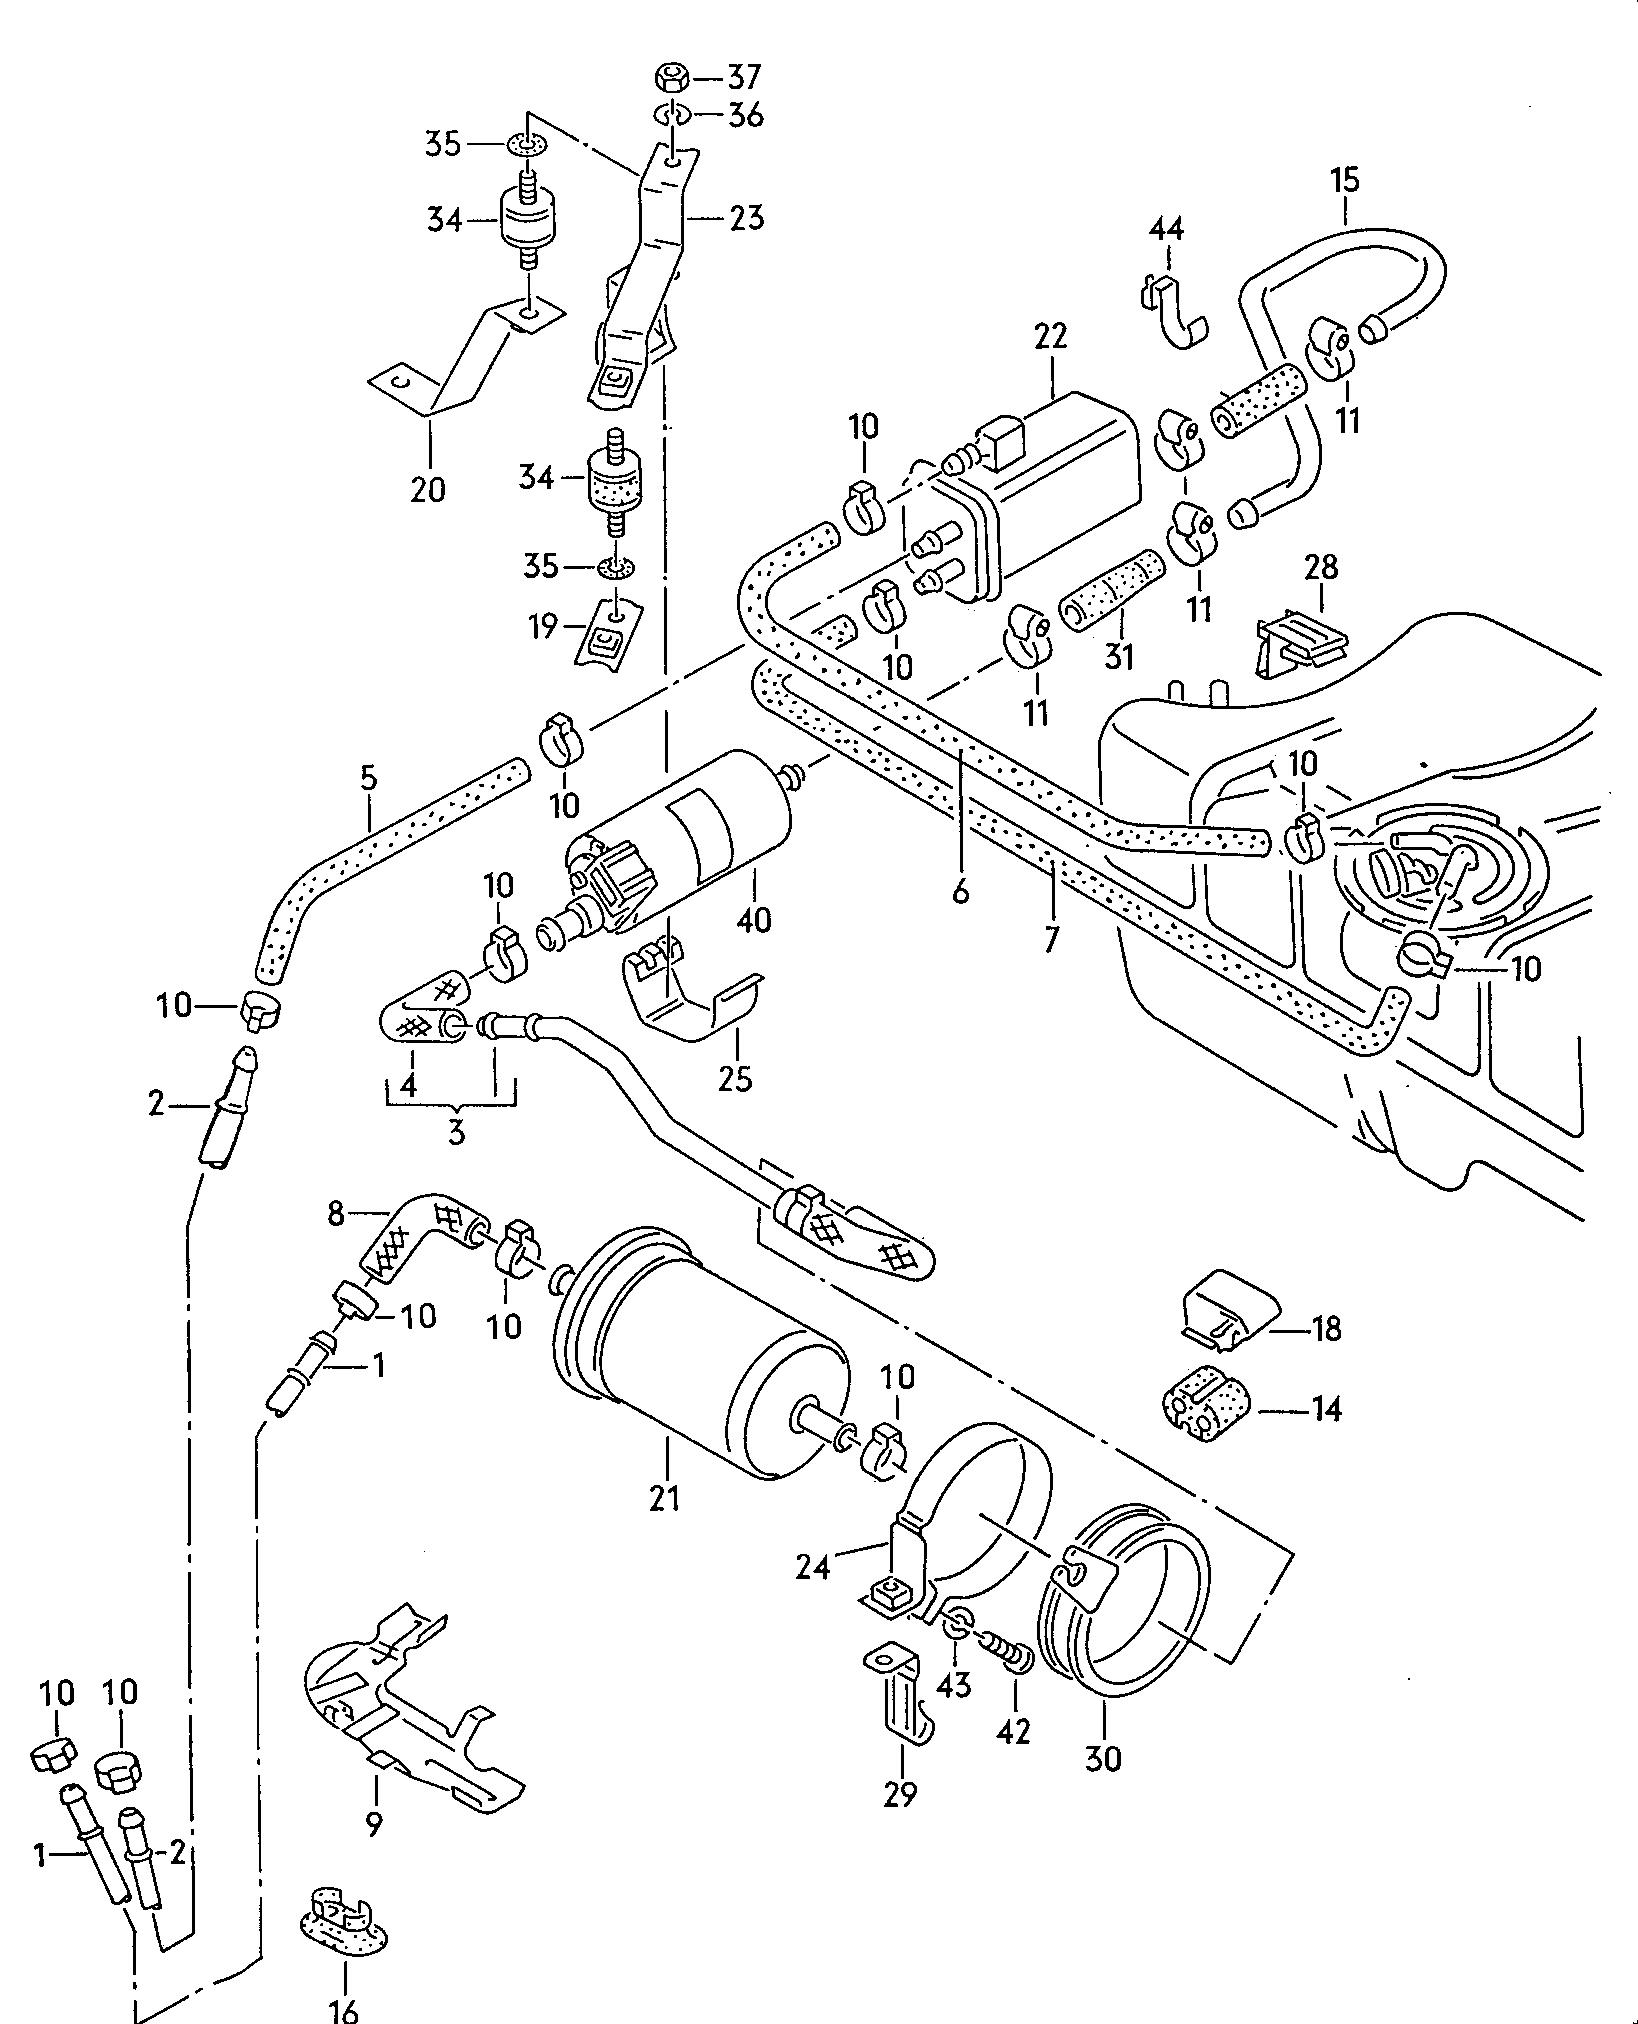 1986 Volkswagen Cabriolet Wiring Diagram Wiring Diagram Instruct Instruct Cfcarsnoleggio It